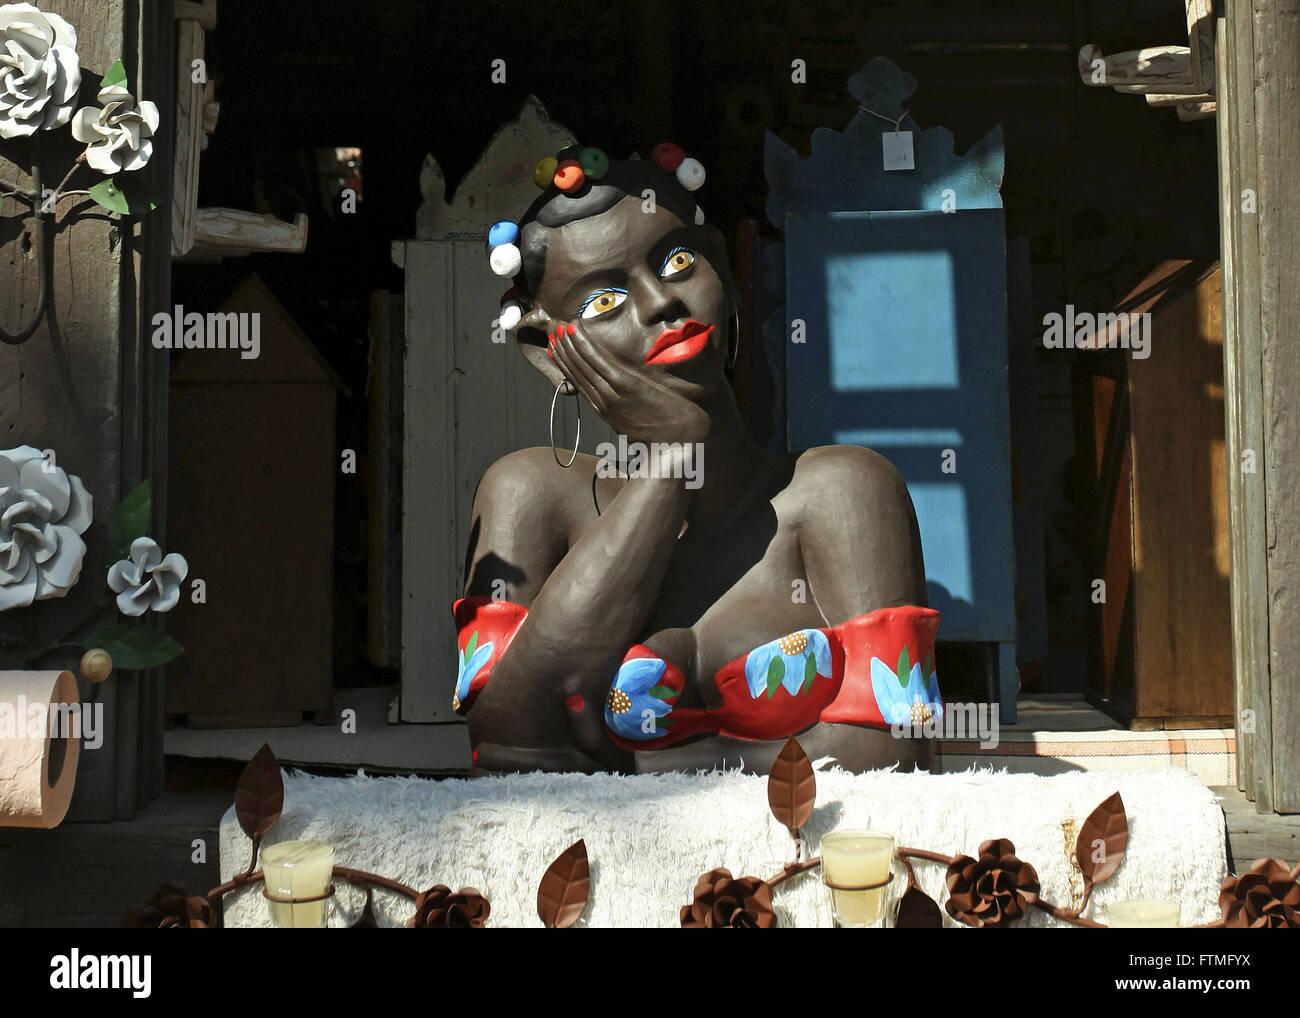 Bambola di ceramica noto come flirt vendita presso il negozio di artigianato Immagini Stock